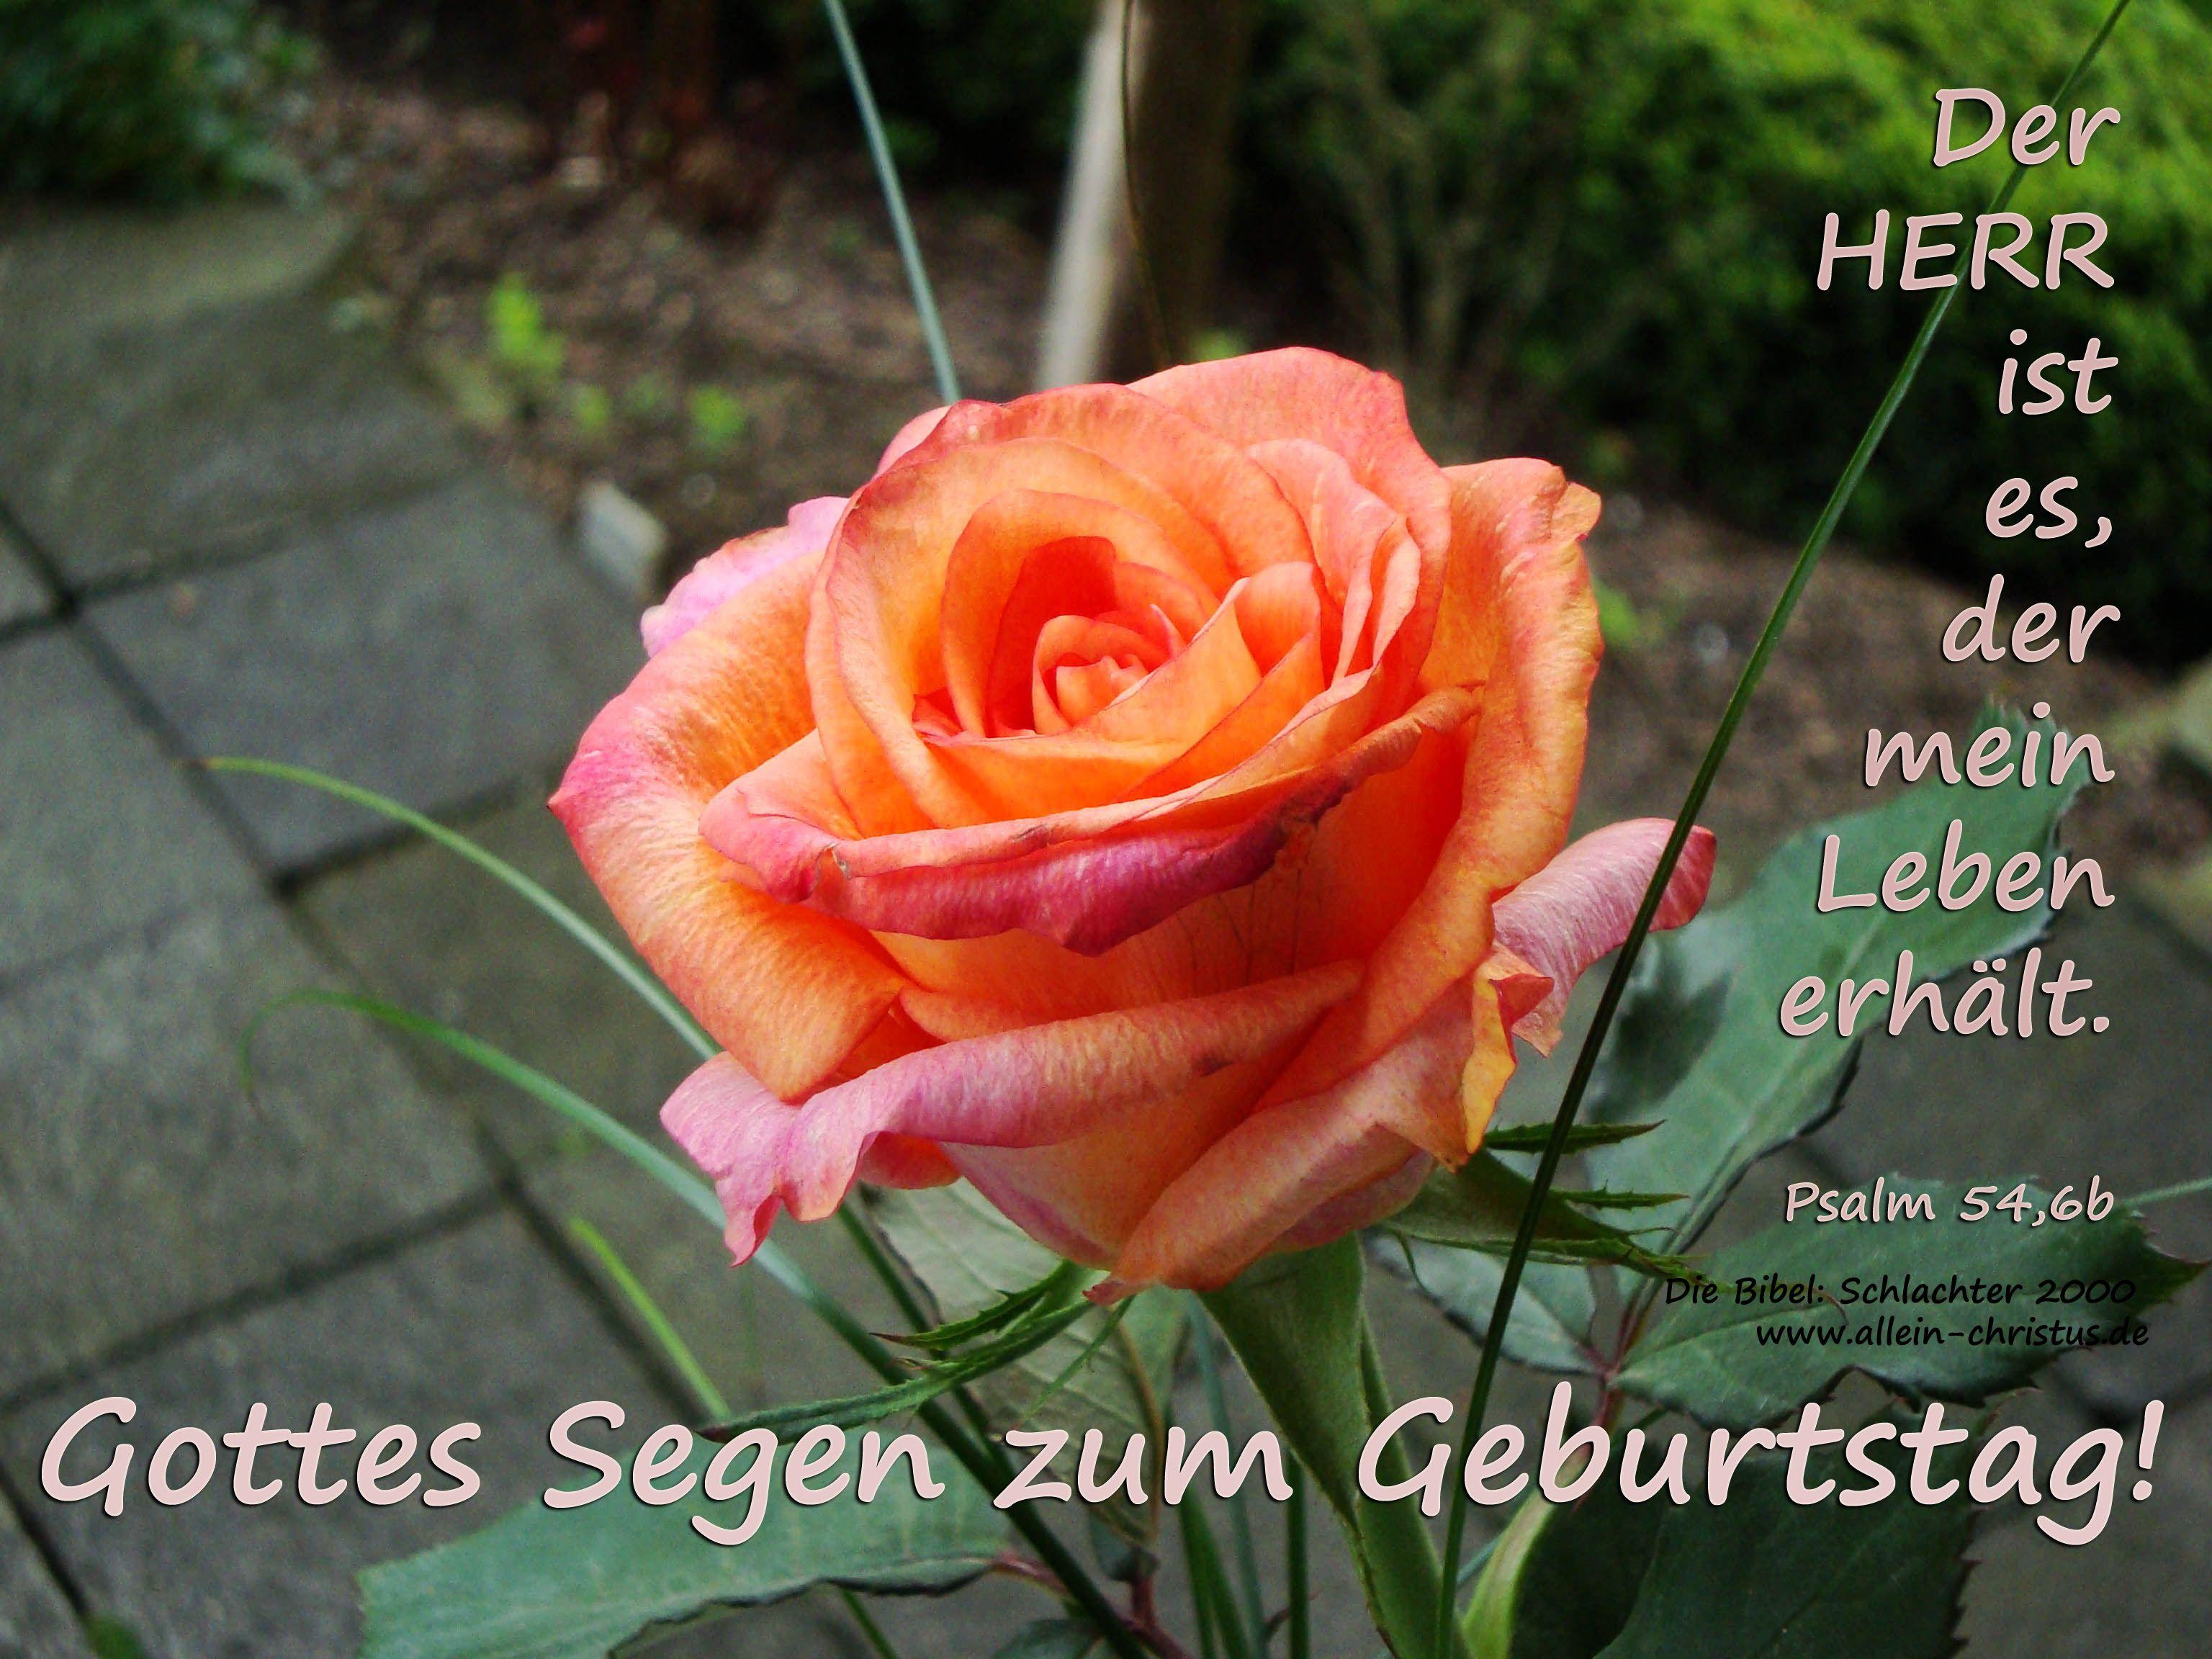 Herzlichen Gluckwunsch Zum Geburtstag Ps 54 6b